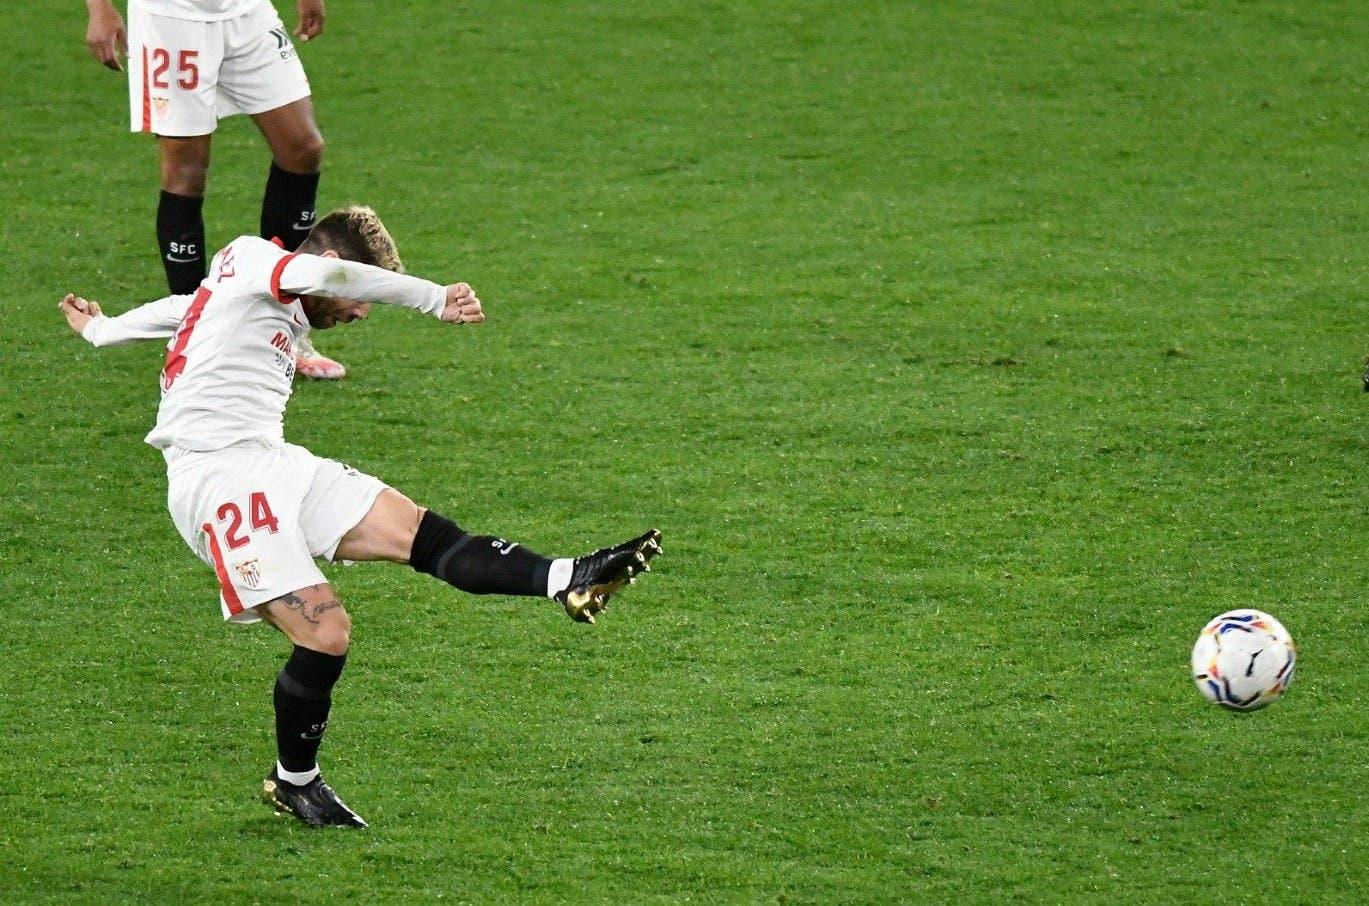 Sevilla - Borussia Dortmund: los alemanes lo dieron vuelta en España y se ilusionan con los cuartos de final de la Champions League